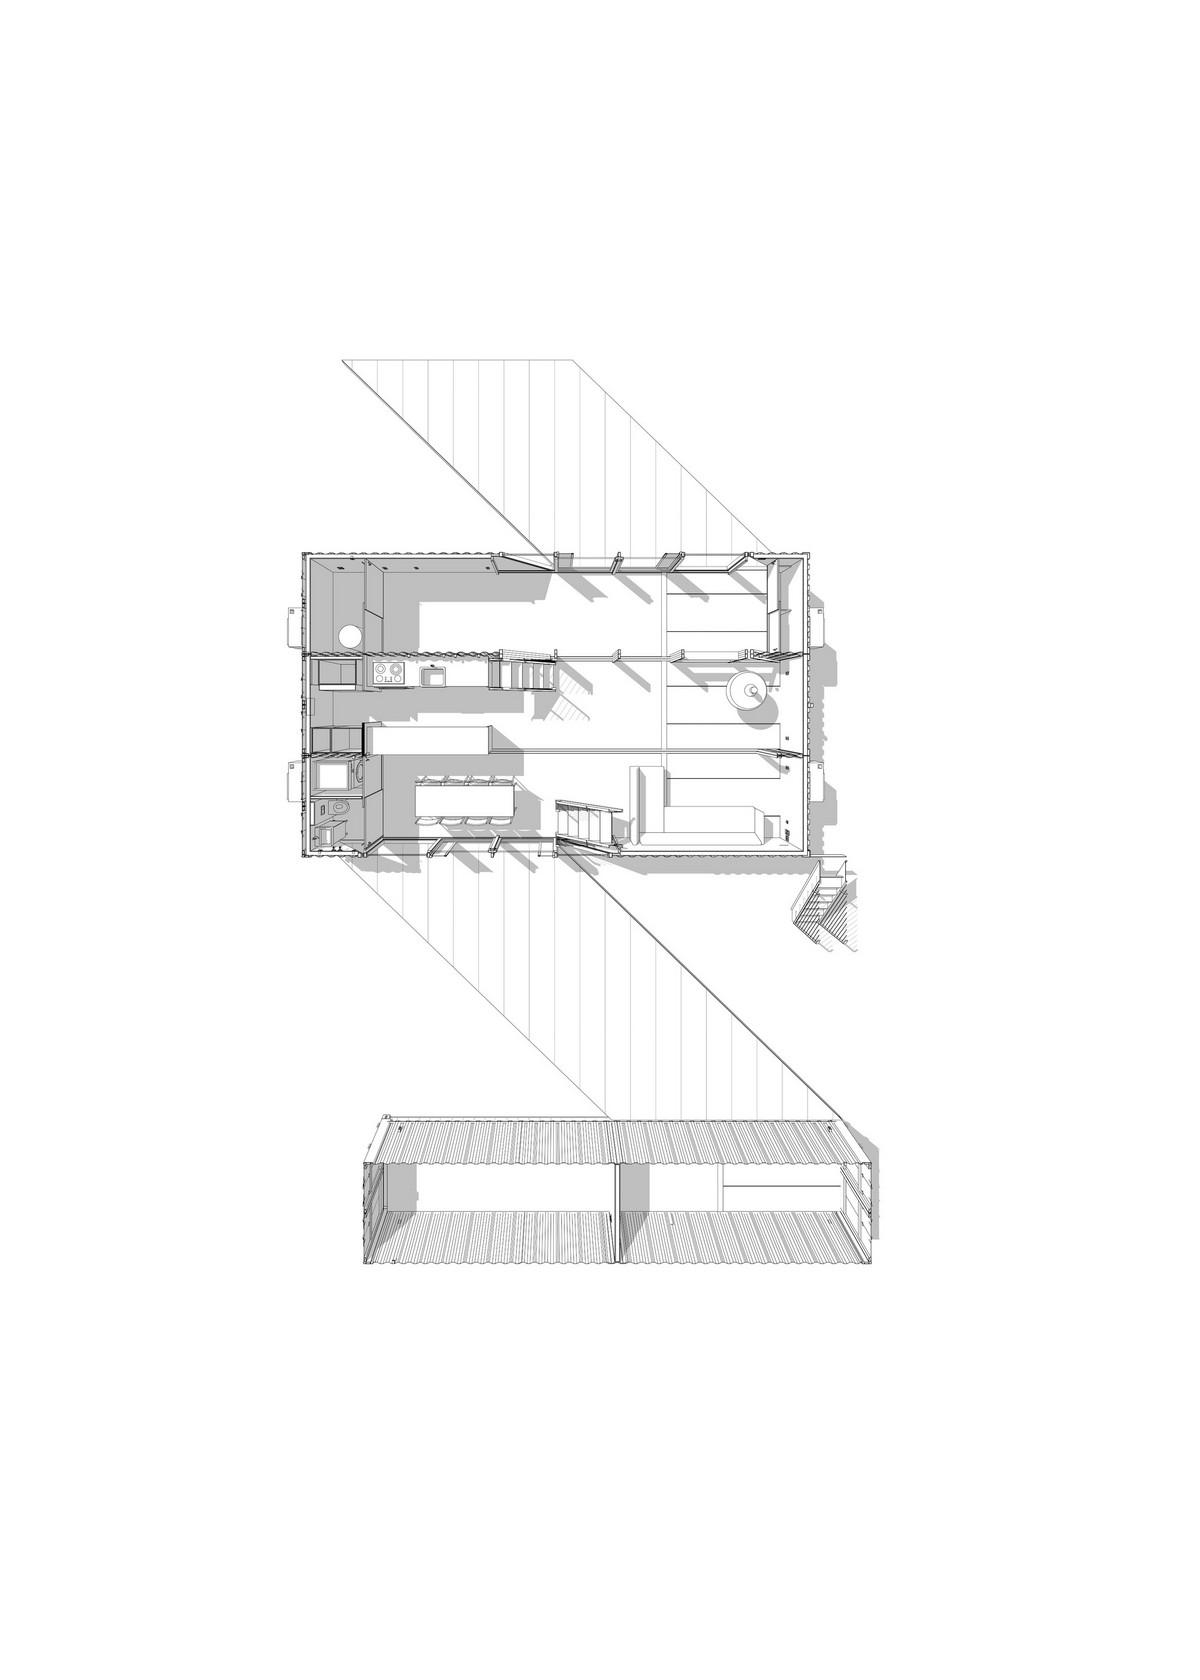 Двухэтажный семейный дом из 6 стандартных контейнеров в США